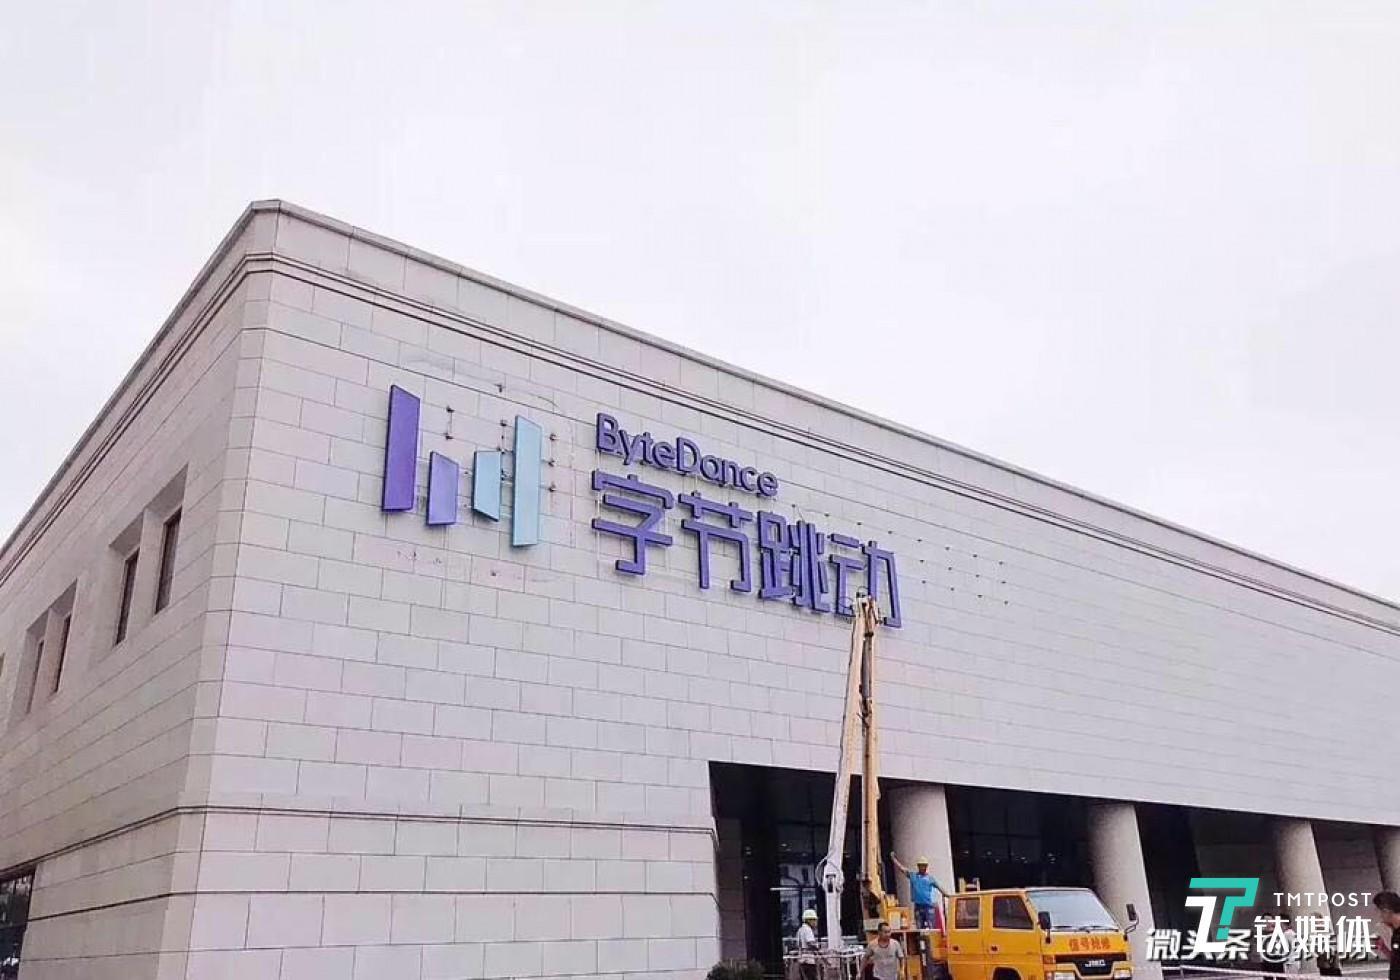 (图:8月6日,字节跳动公司总部主楼正在把今日头条LOGO换下,来源:字节跳动合伙人@张利东的微头条)